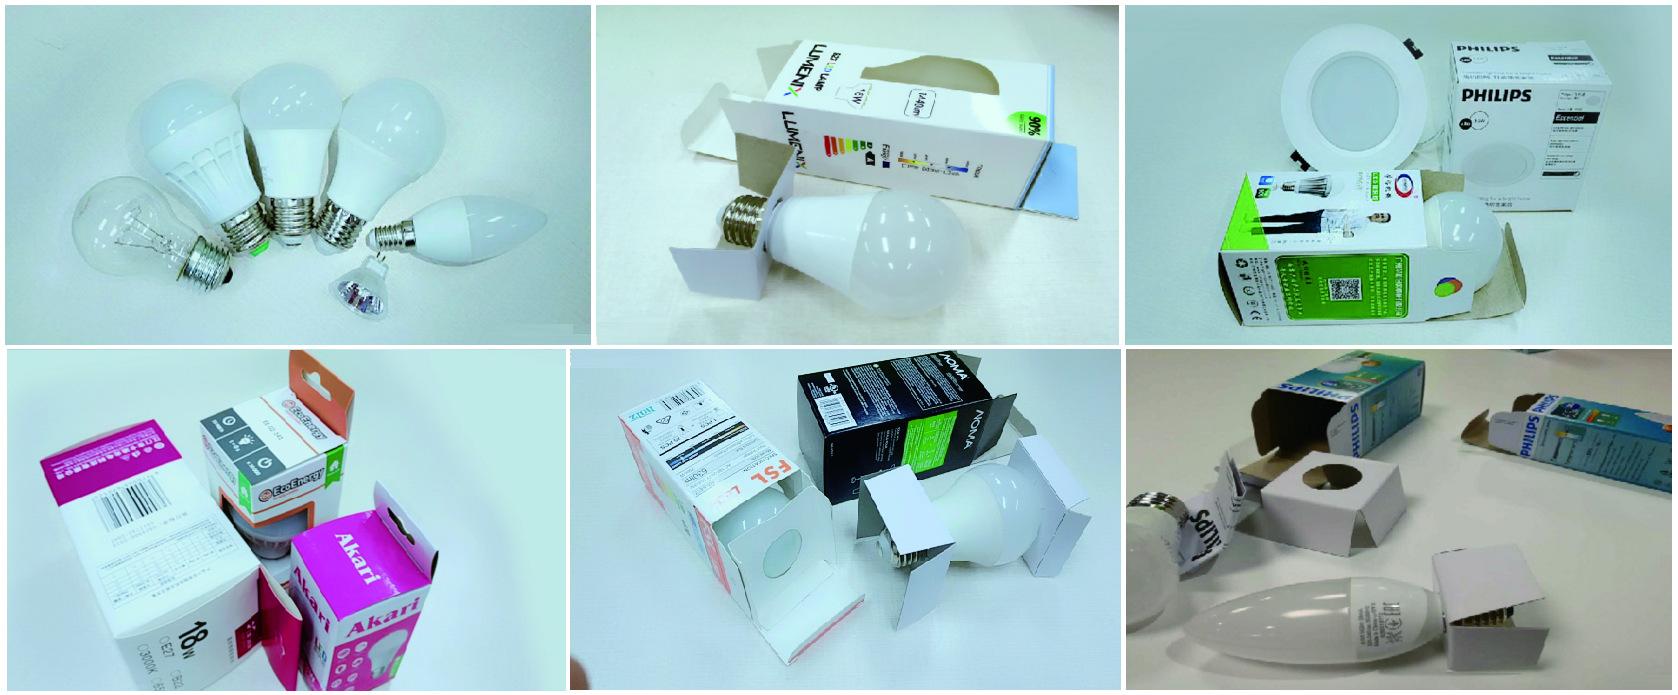 供应胶囊自动装盒机    多功能装盒机   优质装盒机价格示例图27